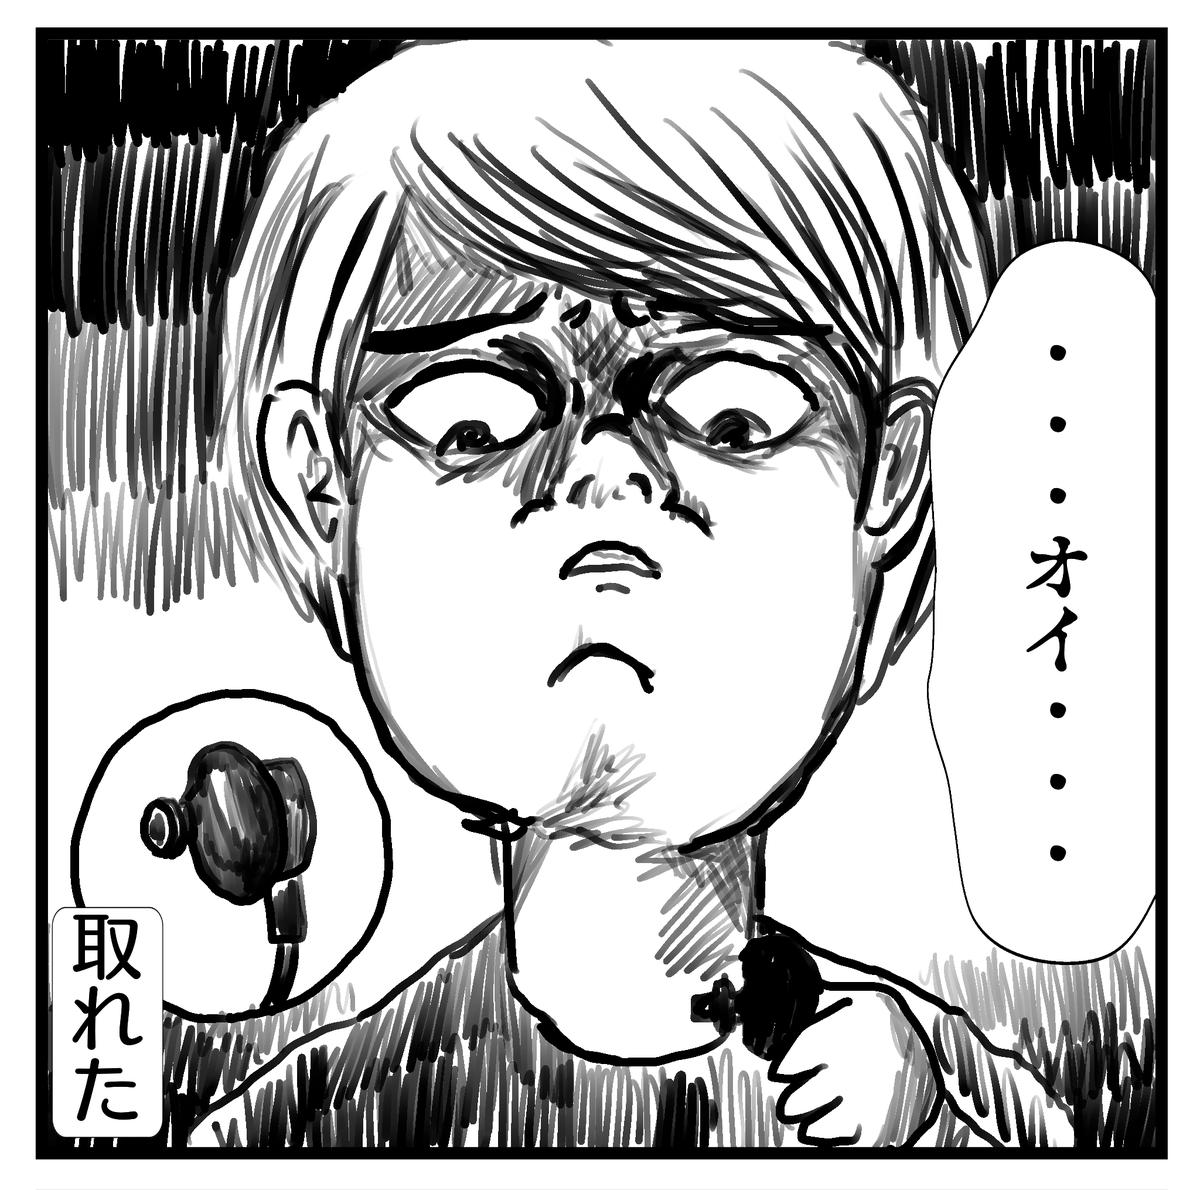 f:id:YuruFuwaTa:20200611090006p:plain